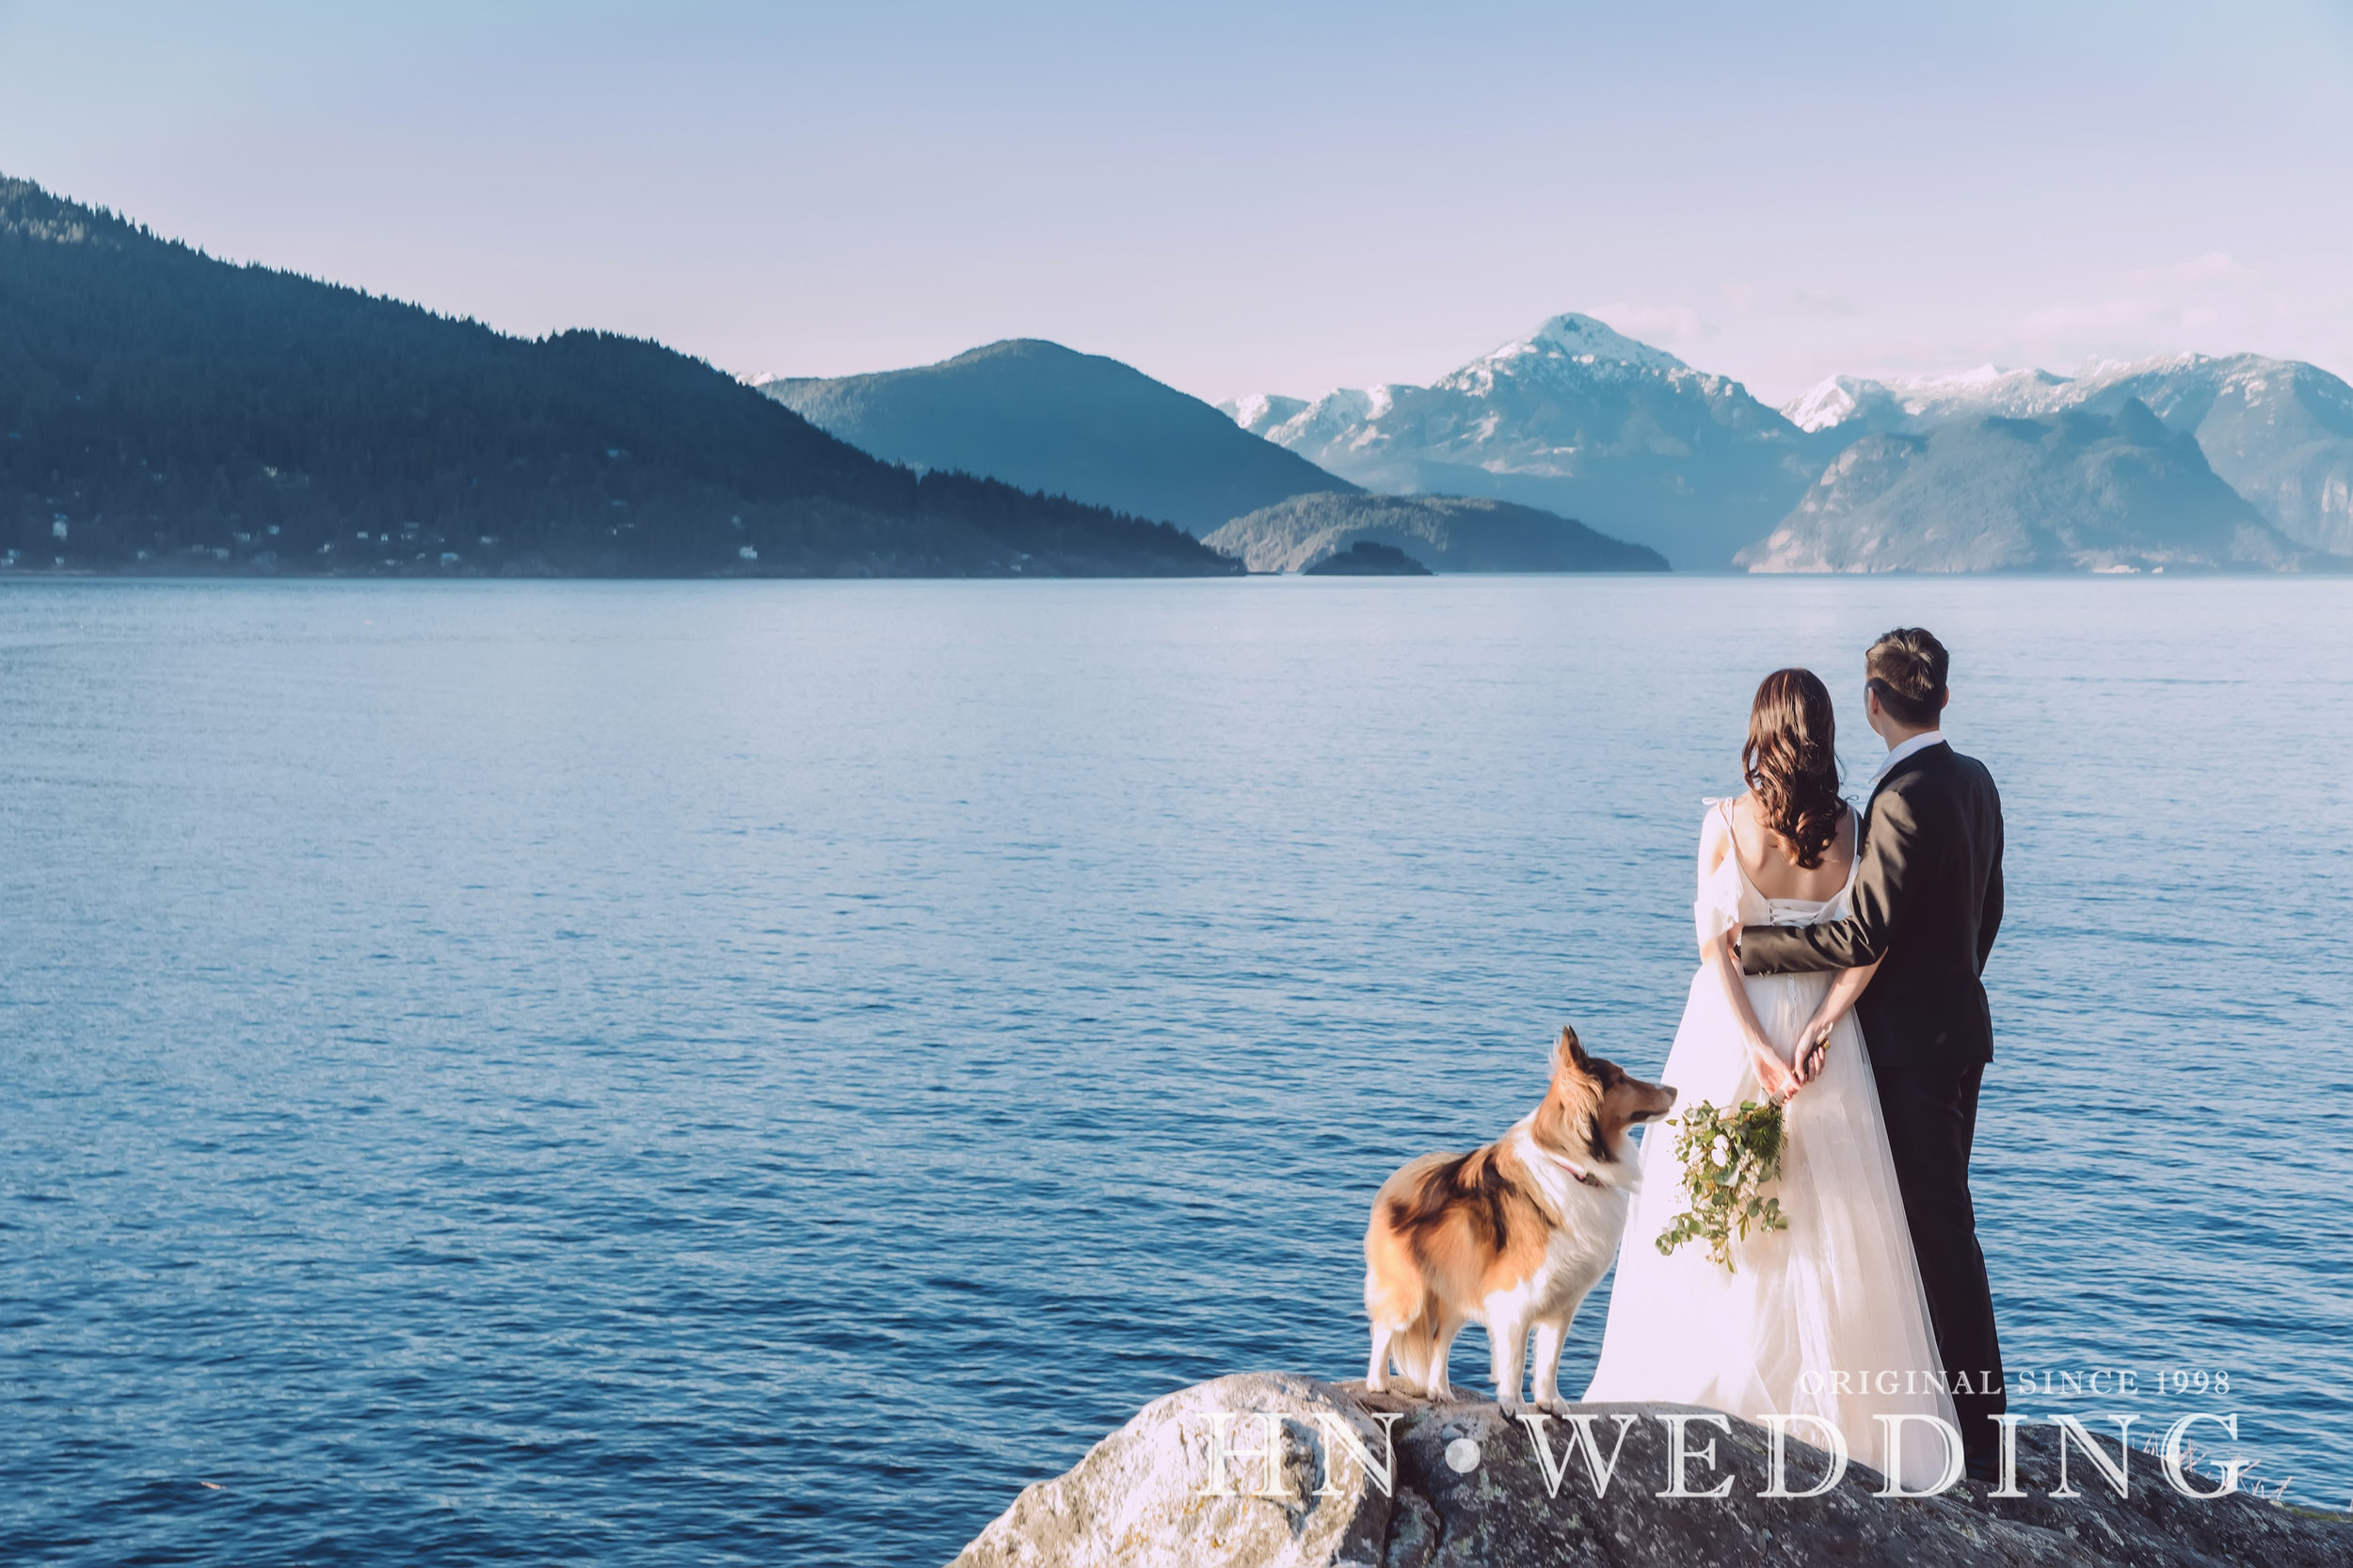 hnweddingprewedding20190220-53.jpg